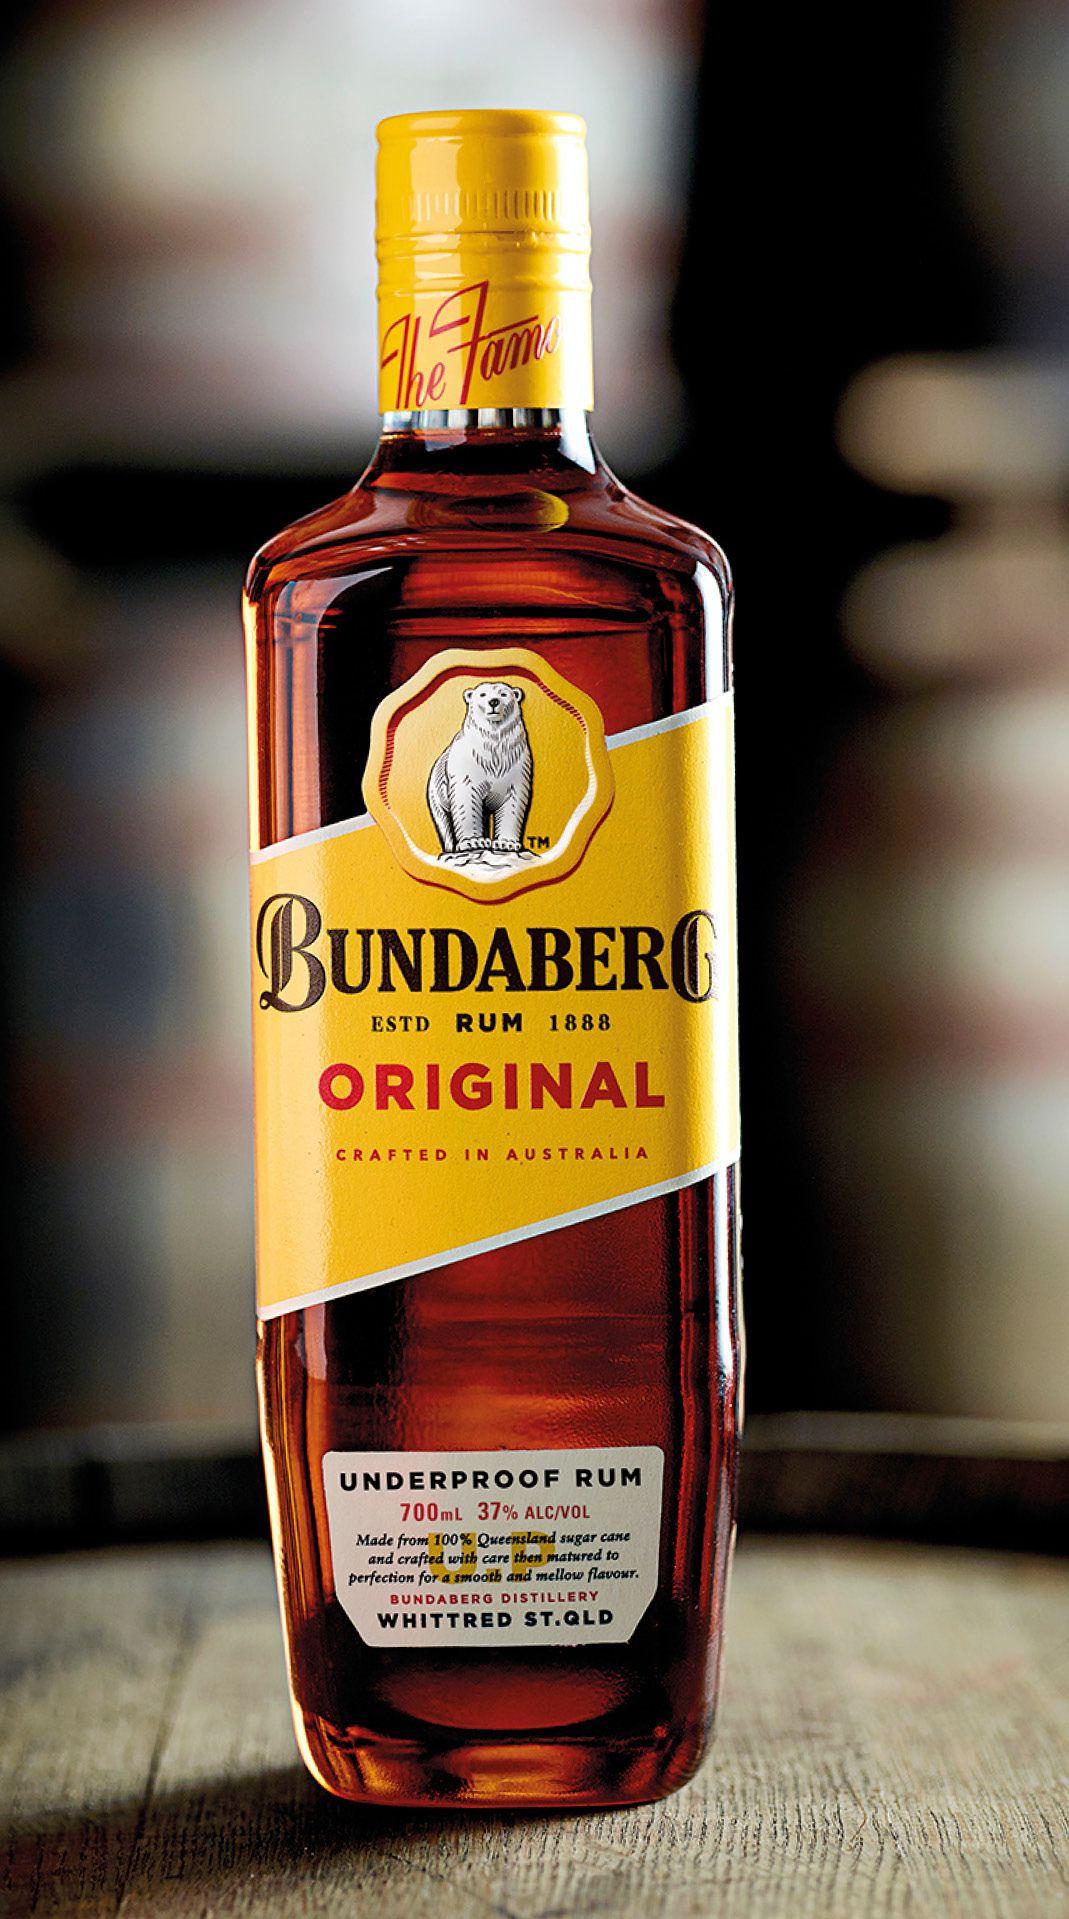 Bundaberg Rum 'Men Like Us Like Rum' on Vimeo